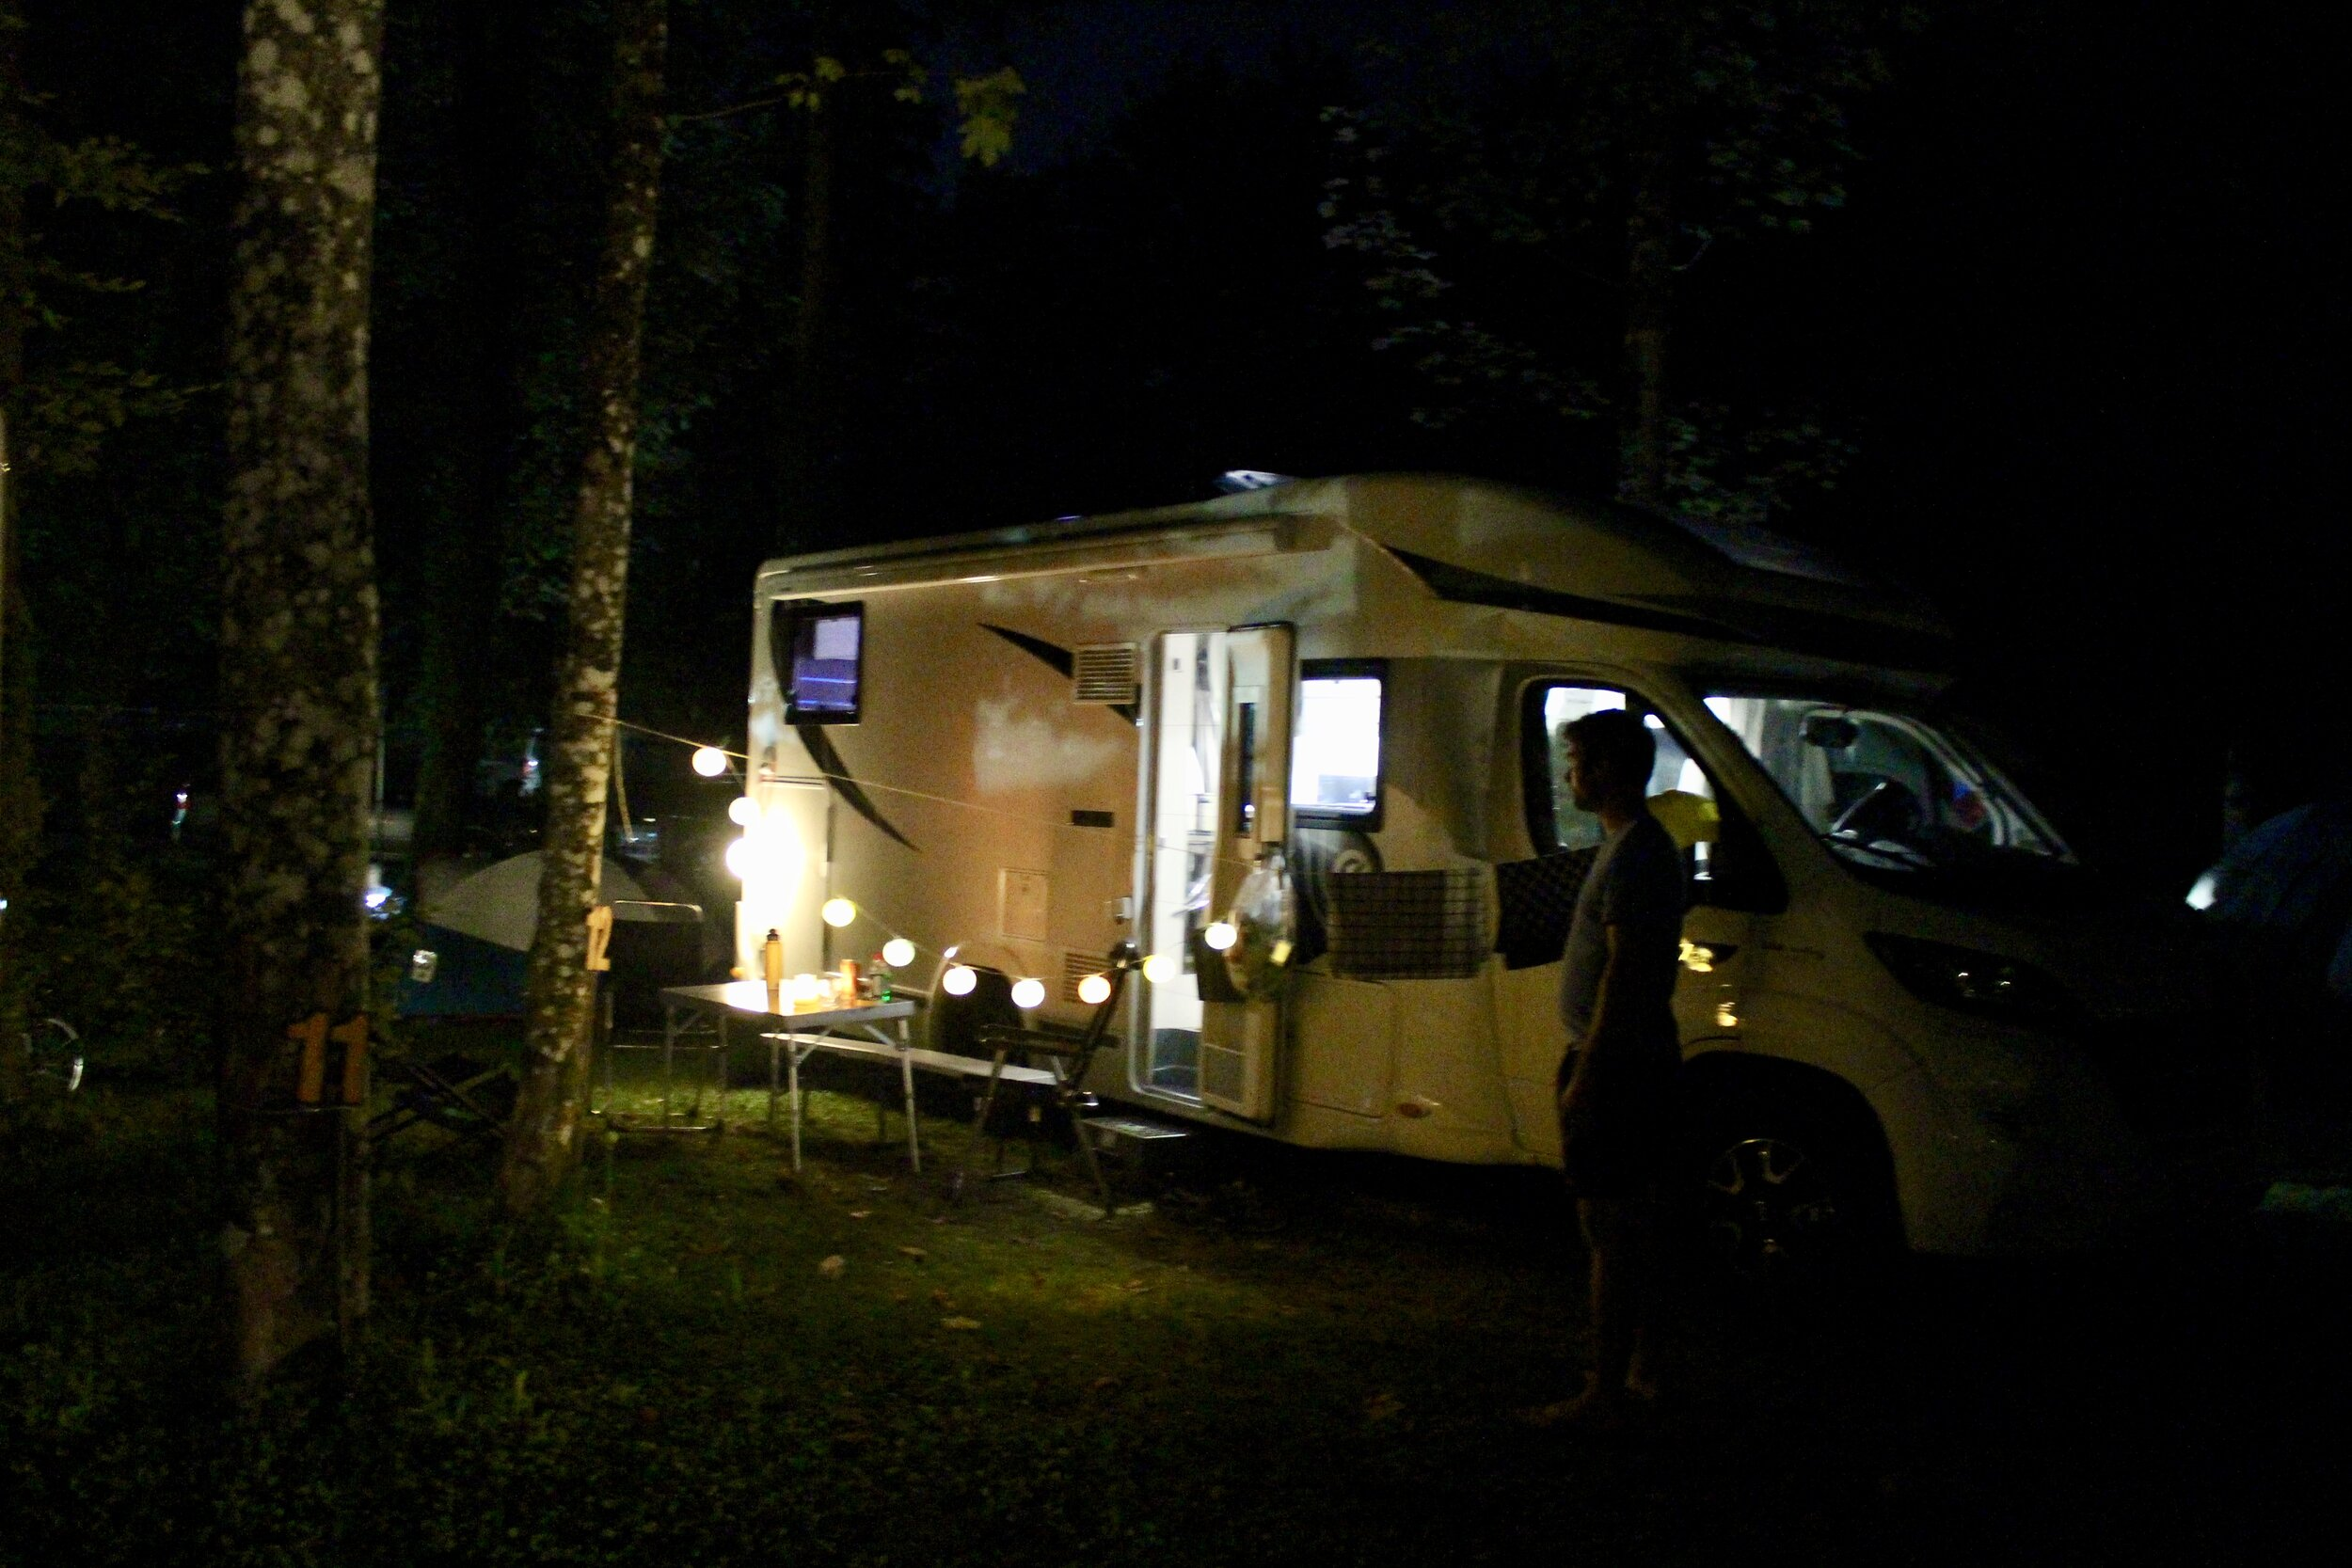 Gezelligheid op de camping. Love it!